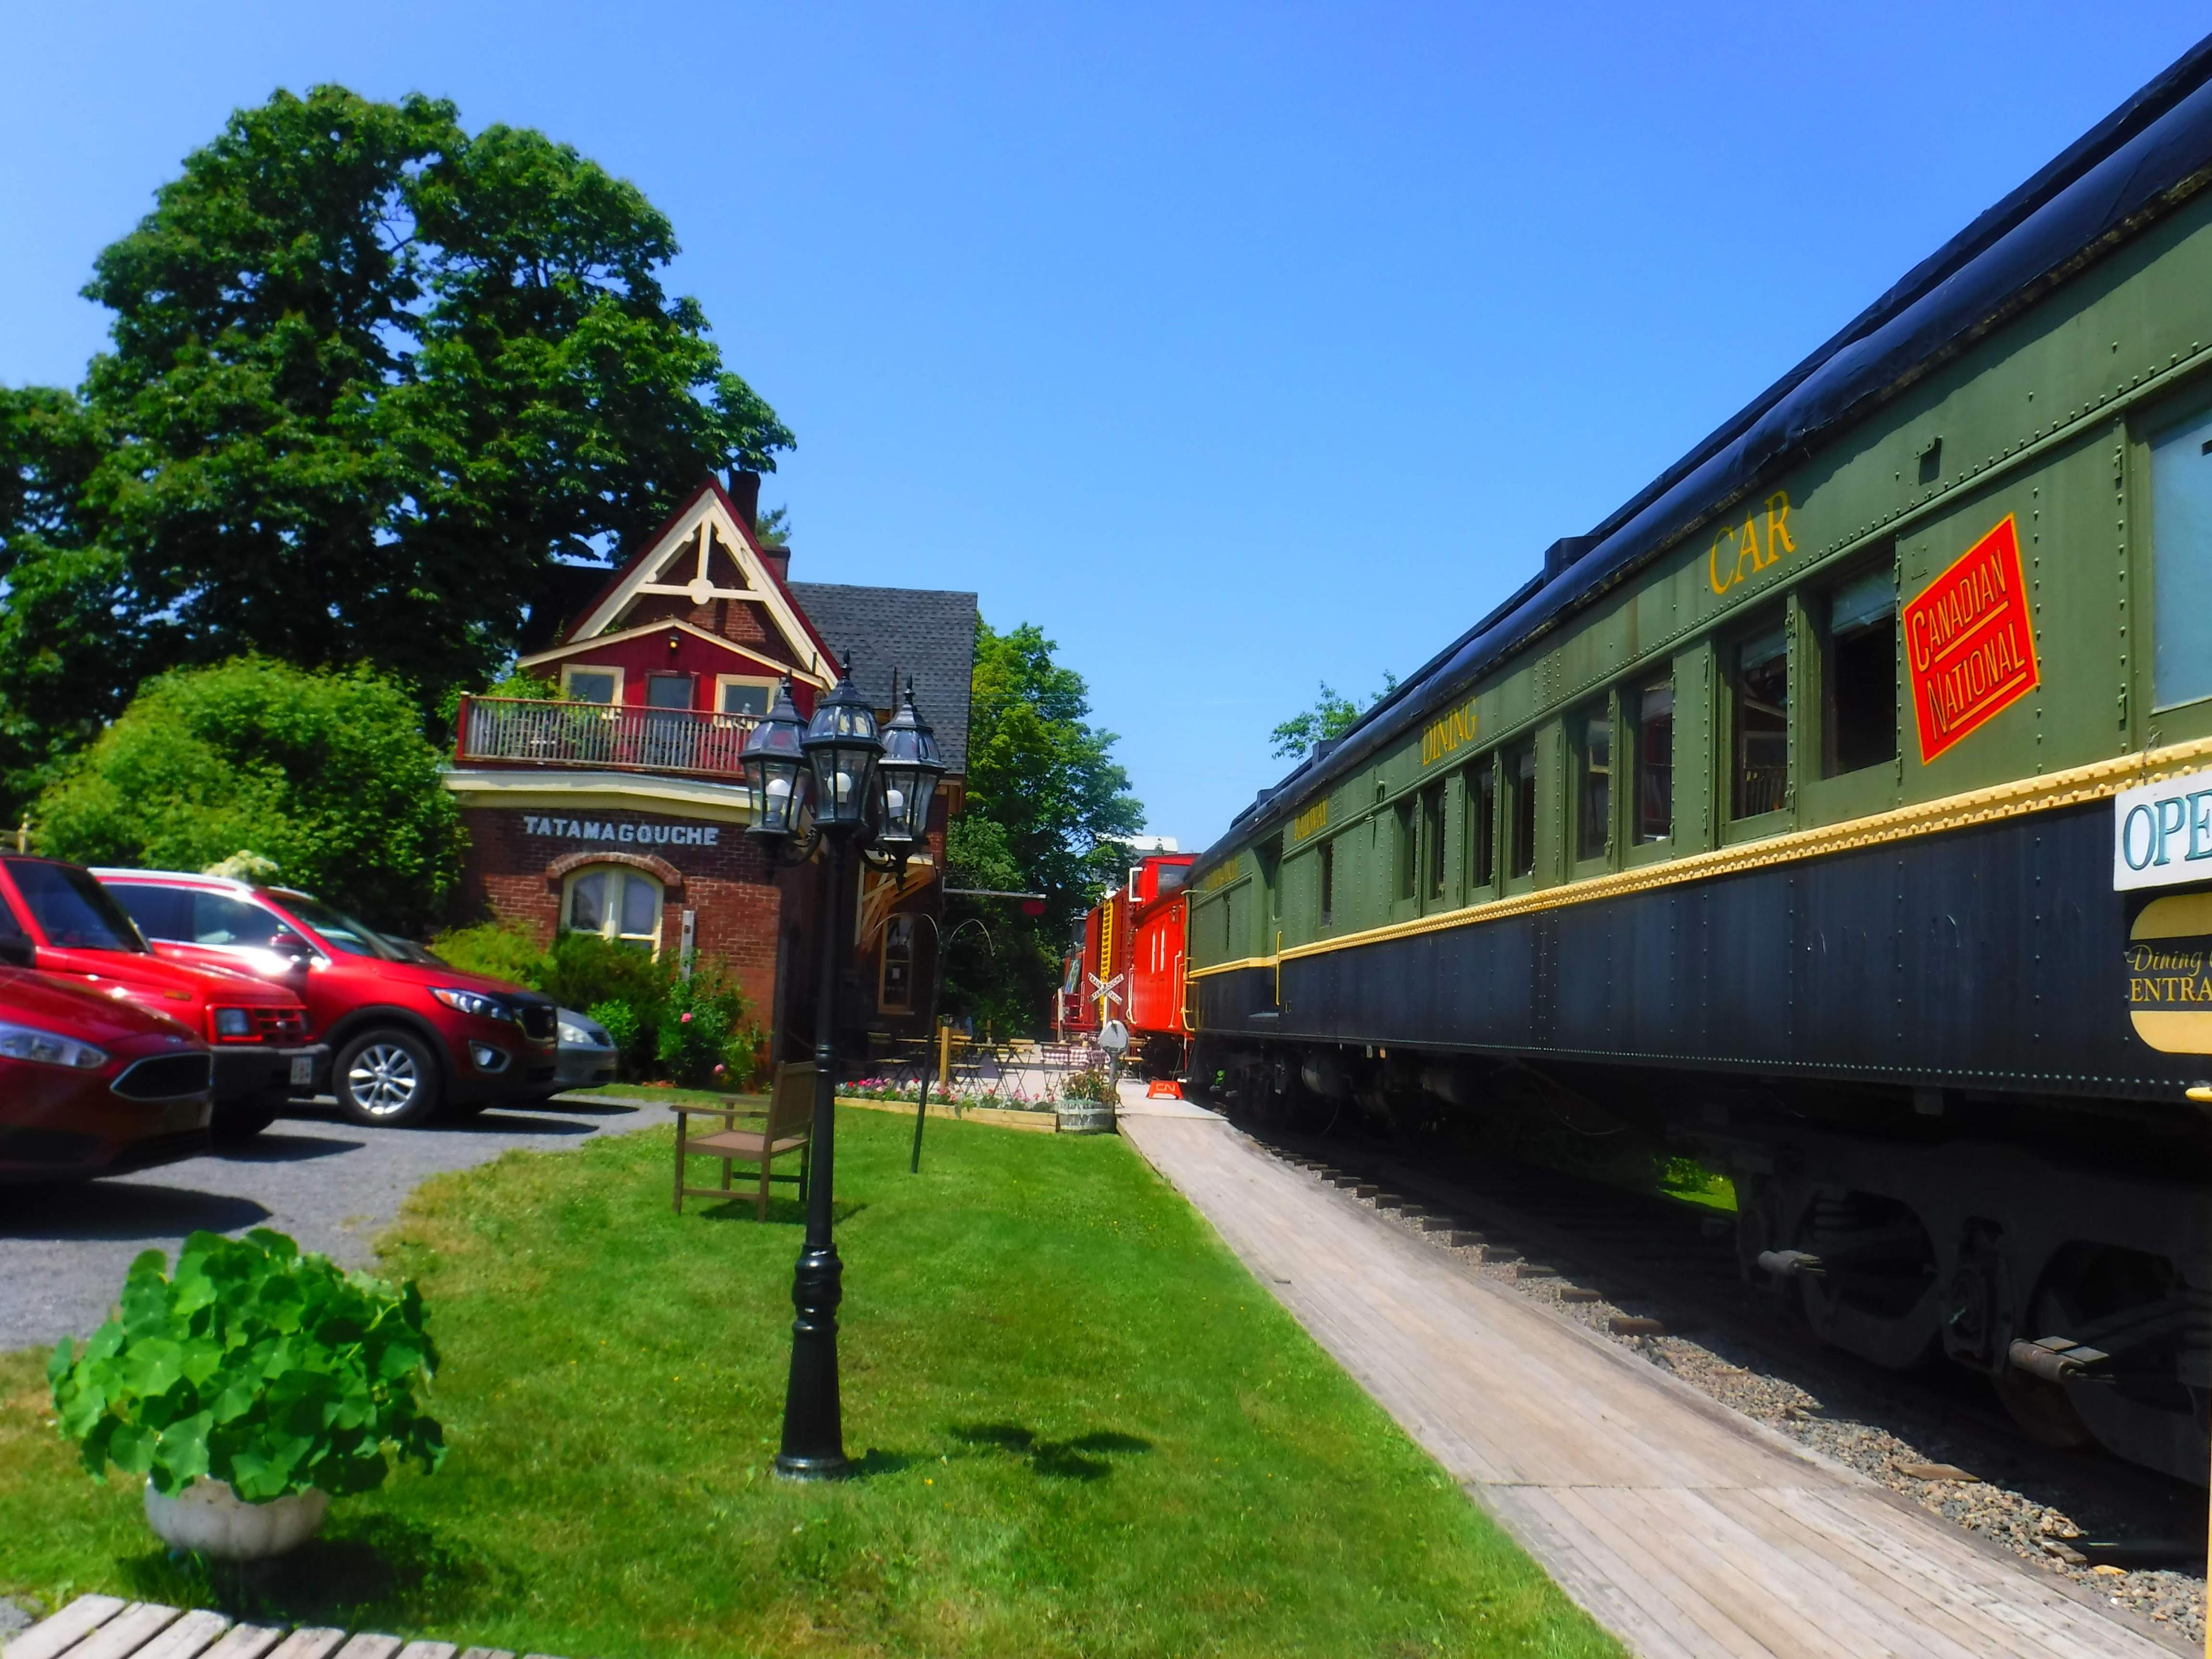 9-train-inn